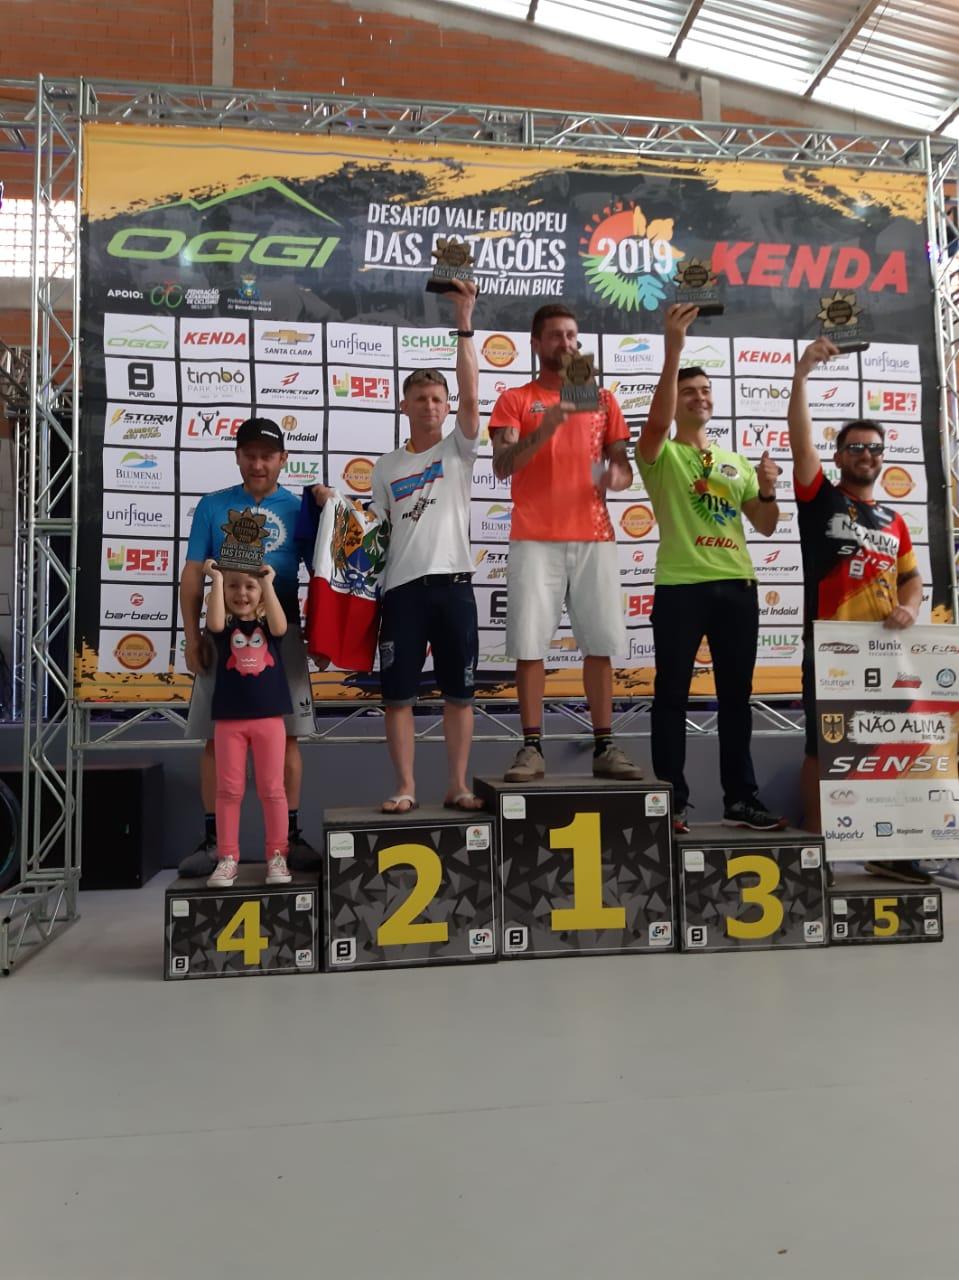 Atleta de ciclismo de Siderópolis conquista segundo lugar em competição